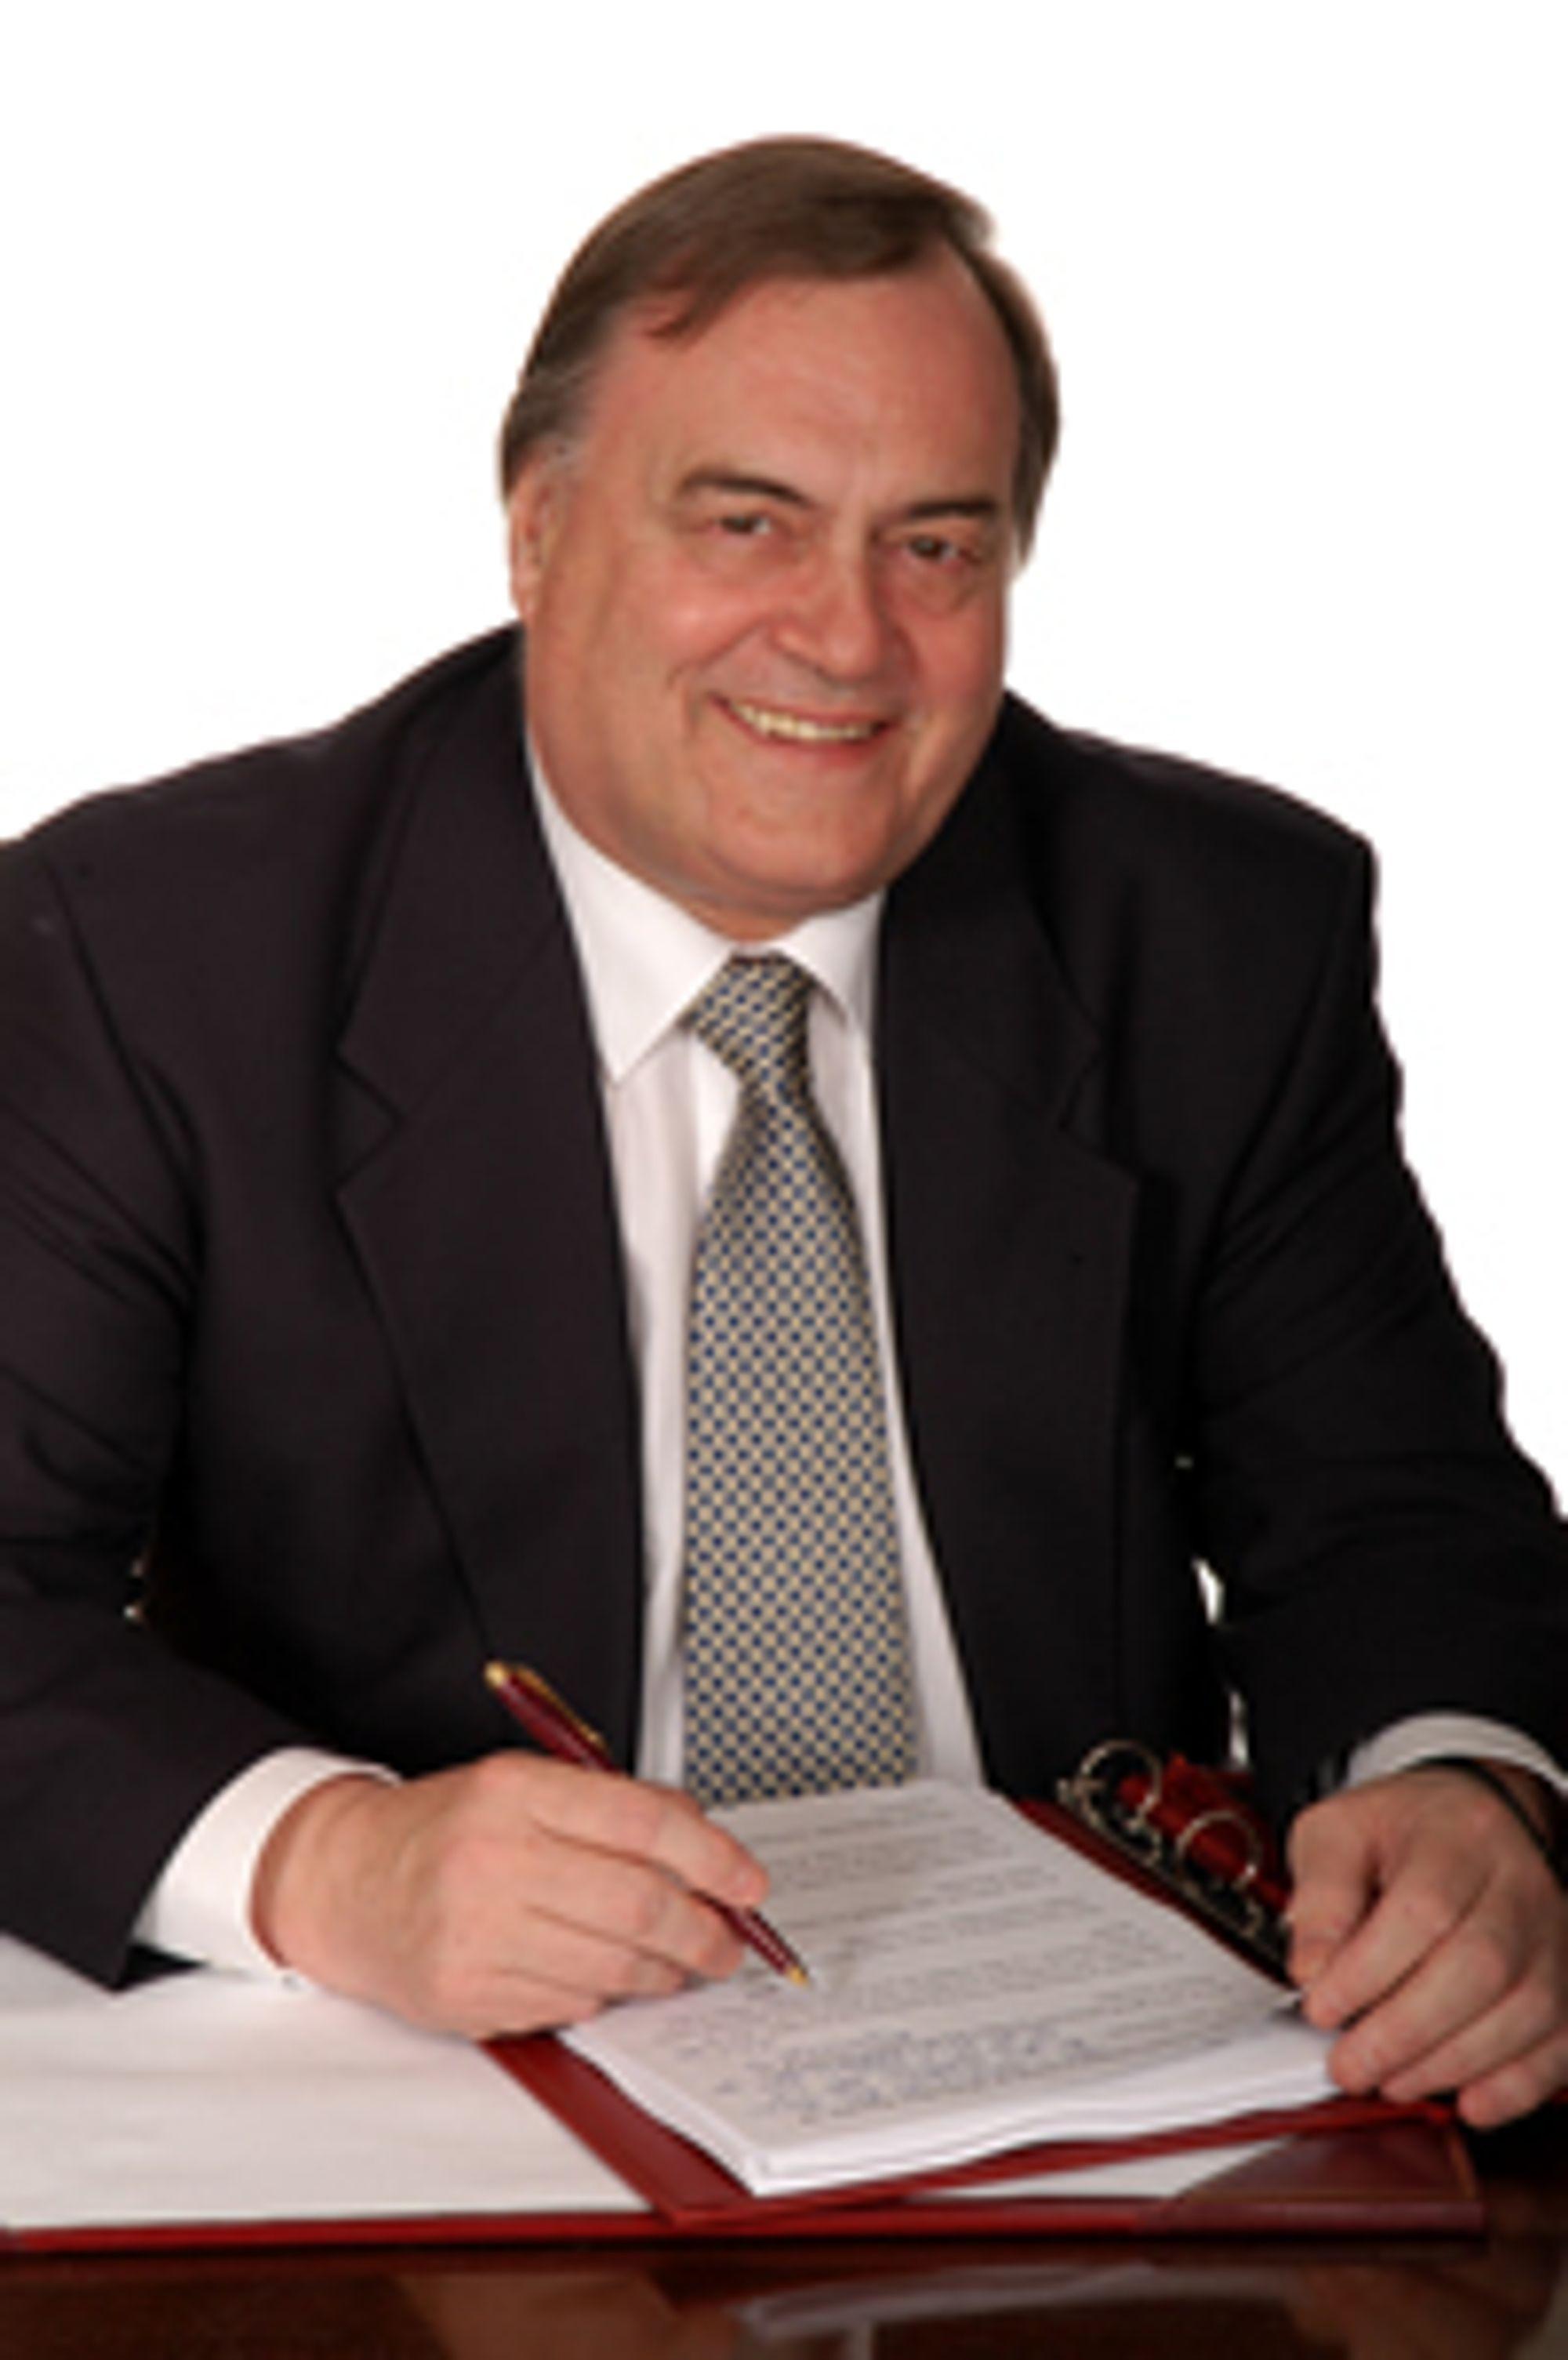 John Prescott, tidligere deputy prime minister (visestatsminister) for Labour.